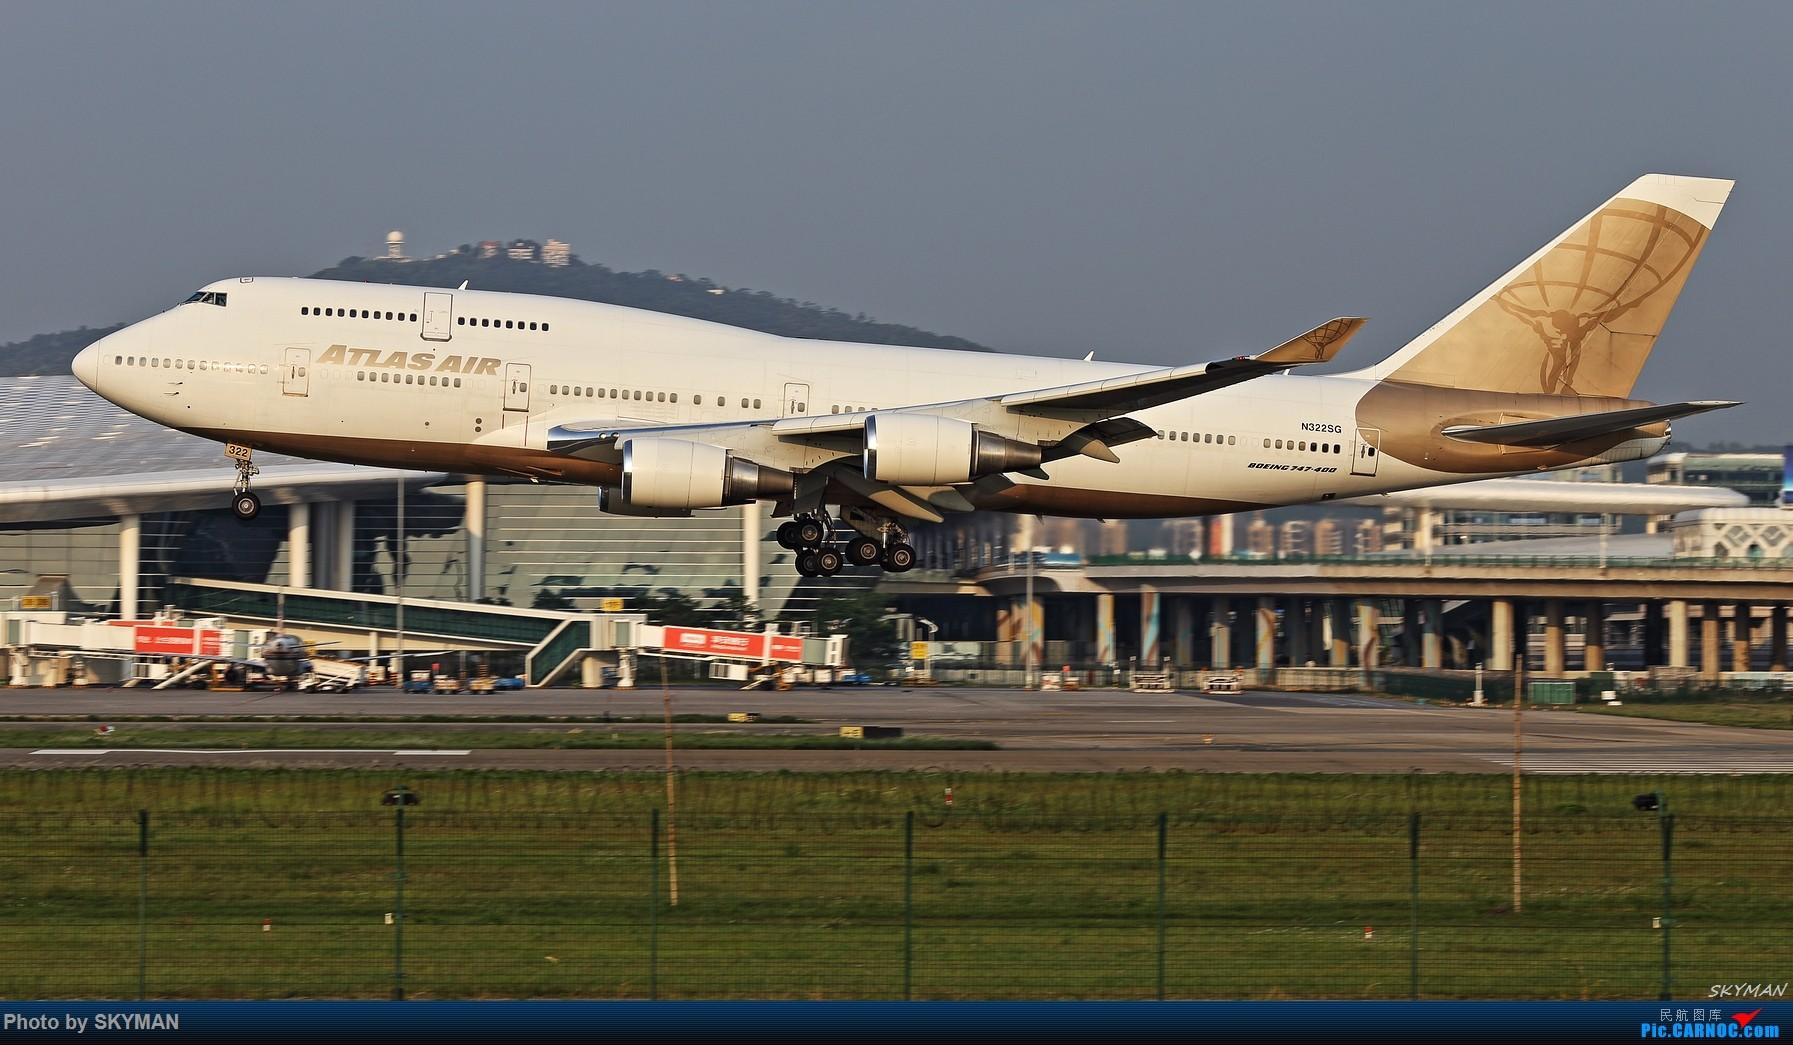 [原创]BLDDQ 关键词:深圳机场 亚特拉斯航空包机 NBA中国 747-400 BOEING 747-400 N322SG 中国深圳宝安国际机场